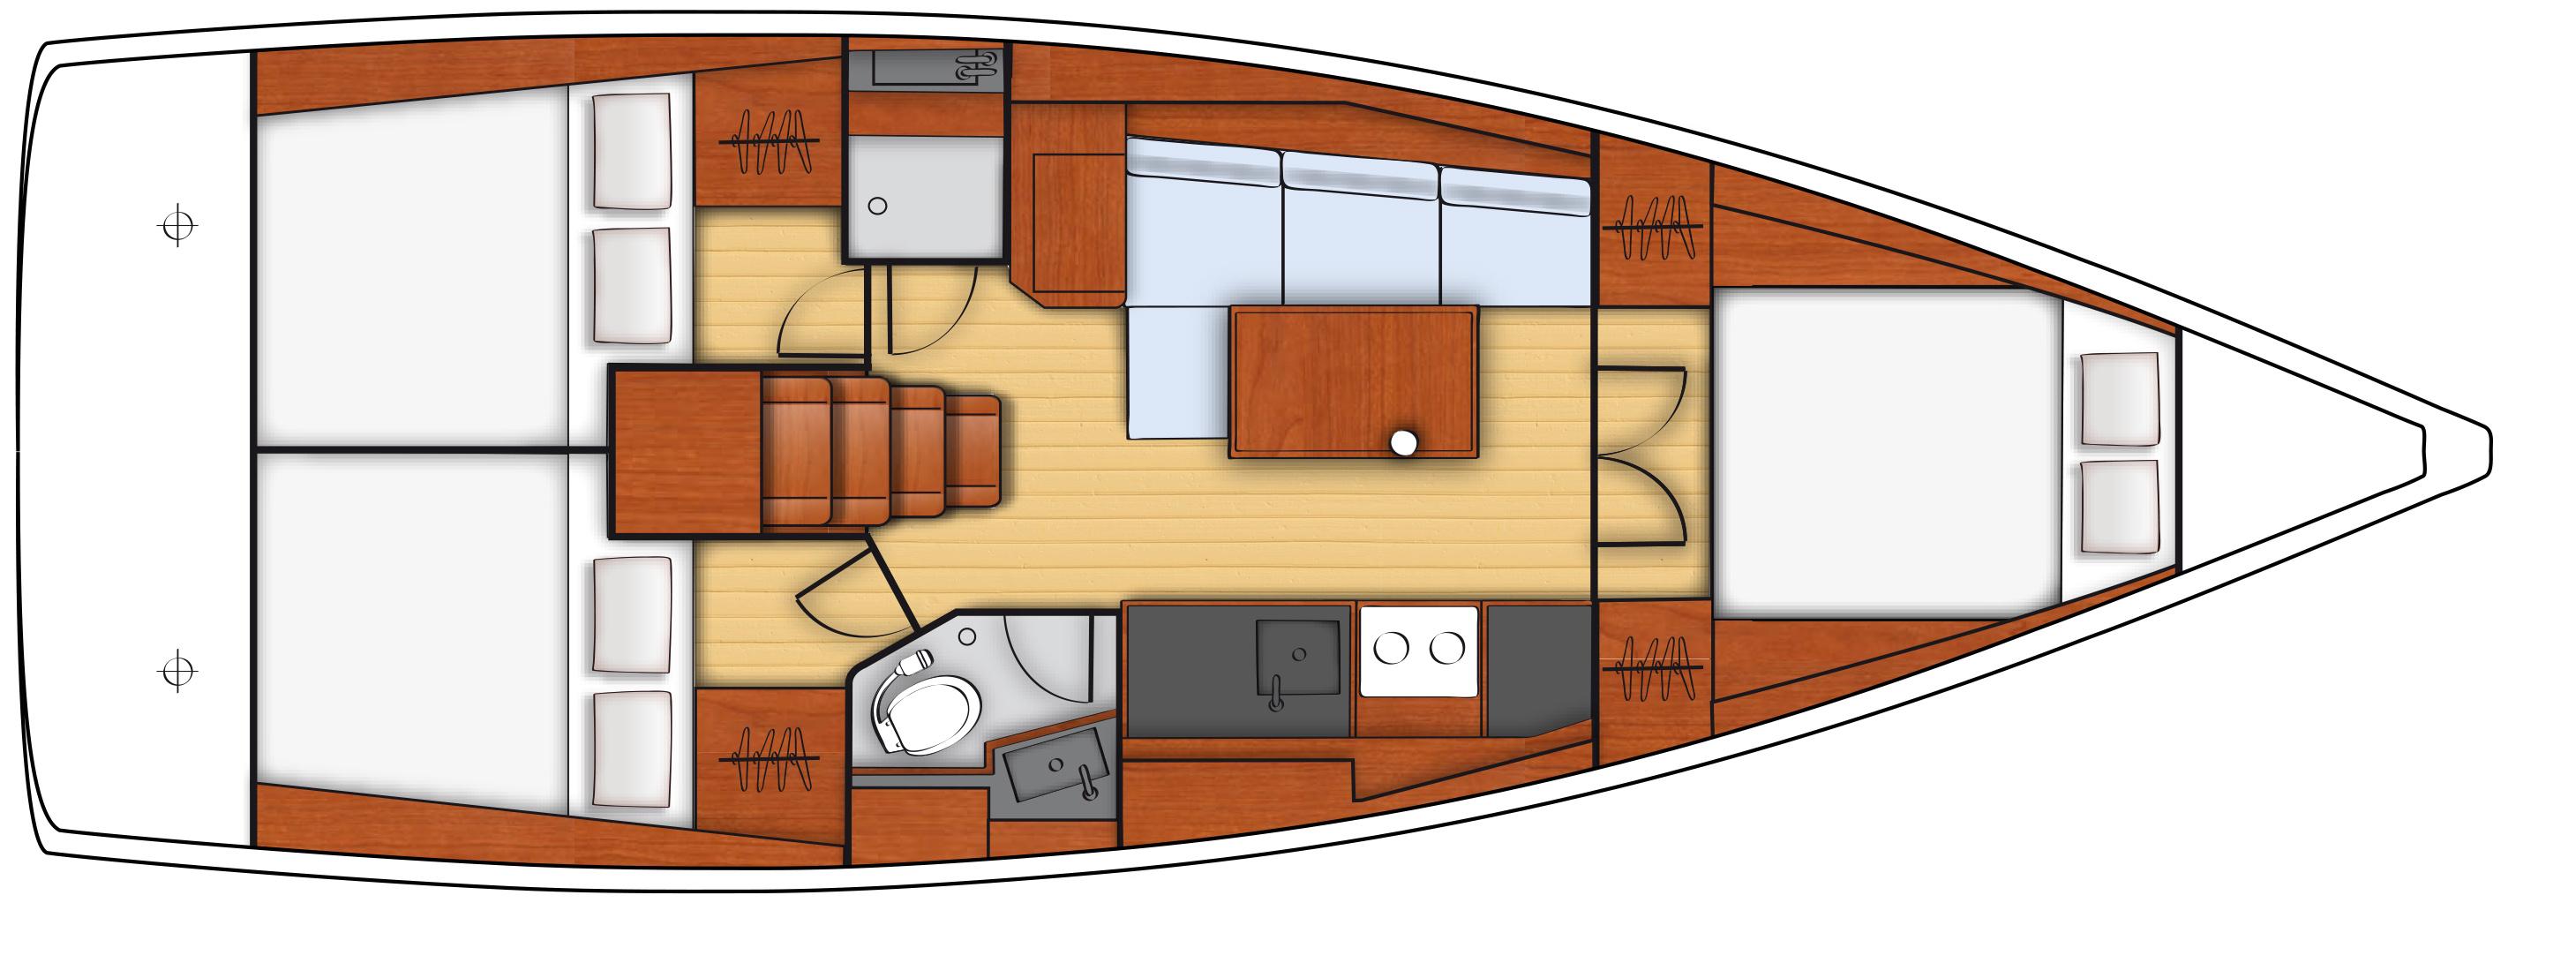 oceanis 38 - 3C 1T cuisine en long - side galley